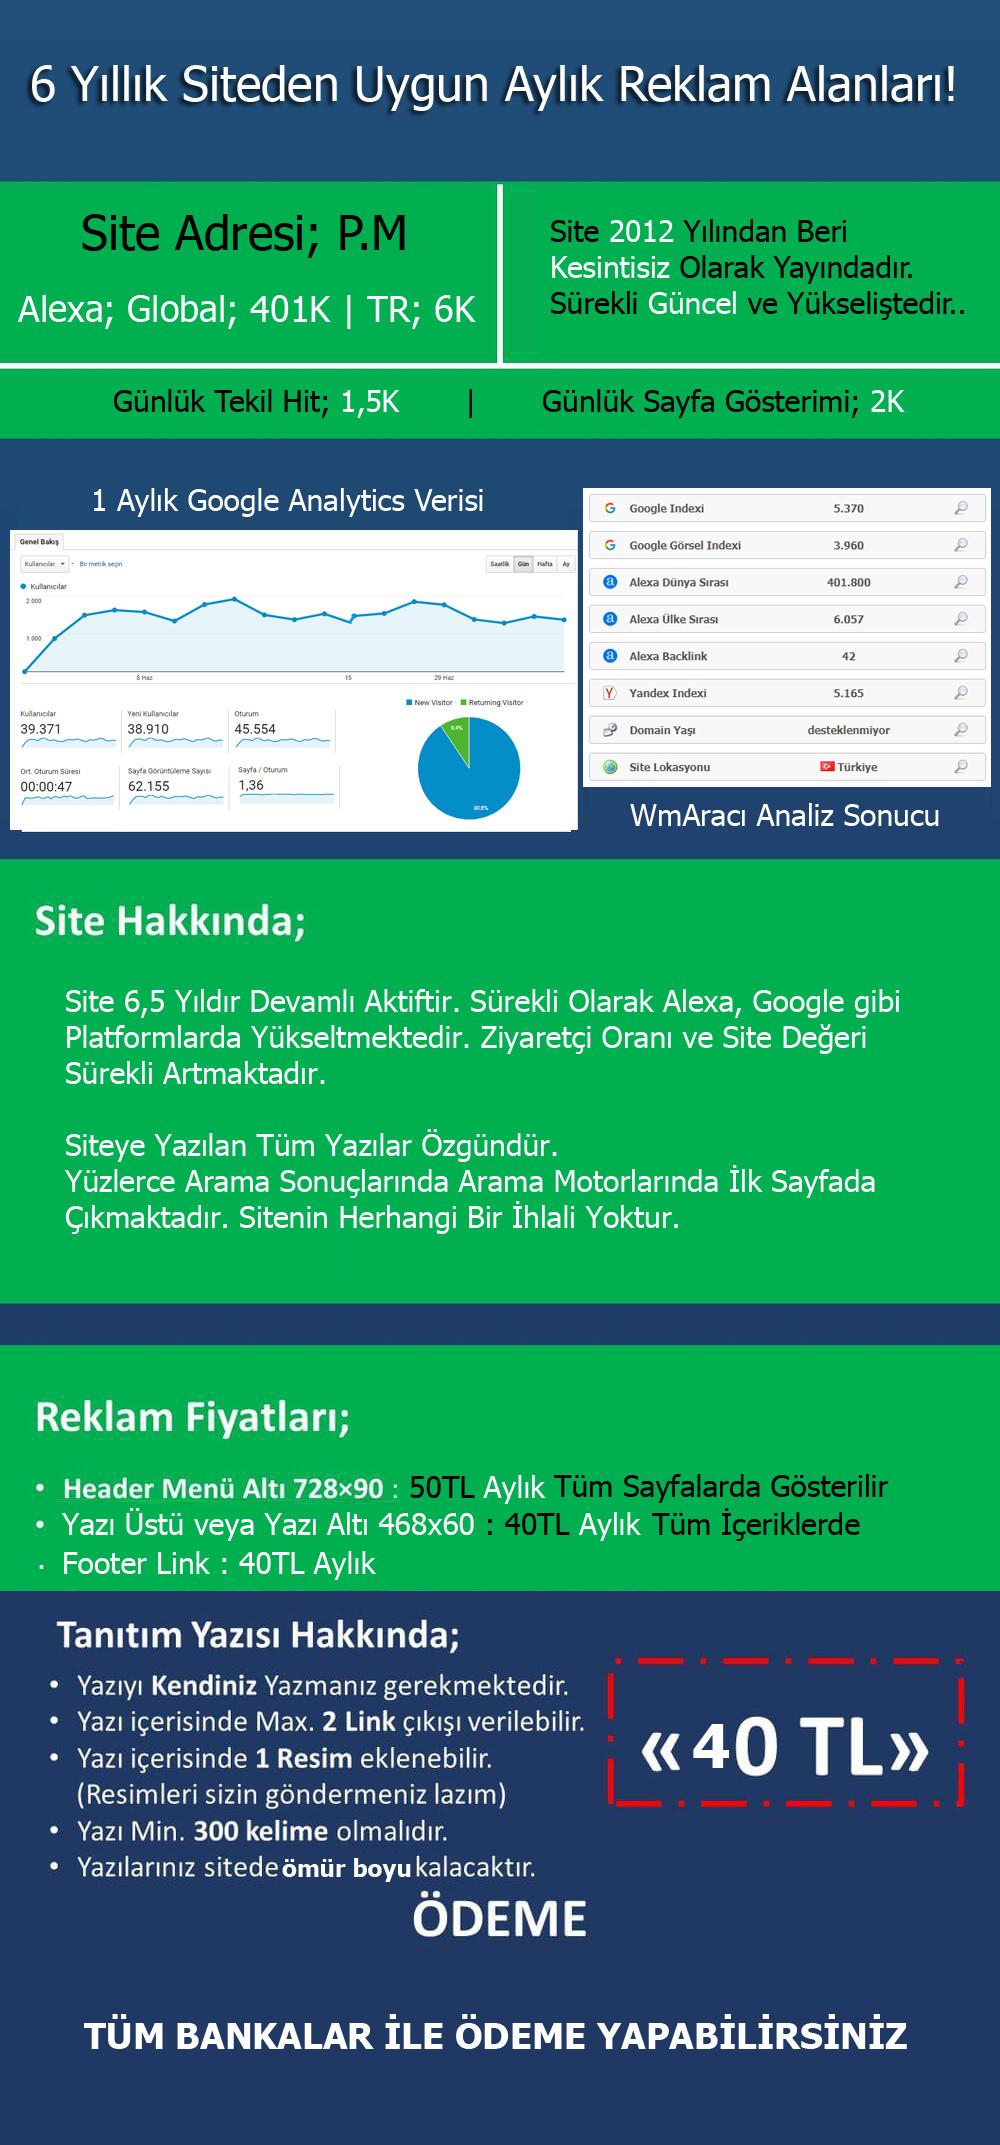 Webisyo Reklam Copy